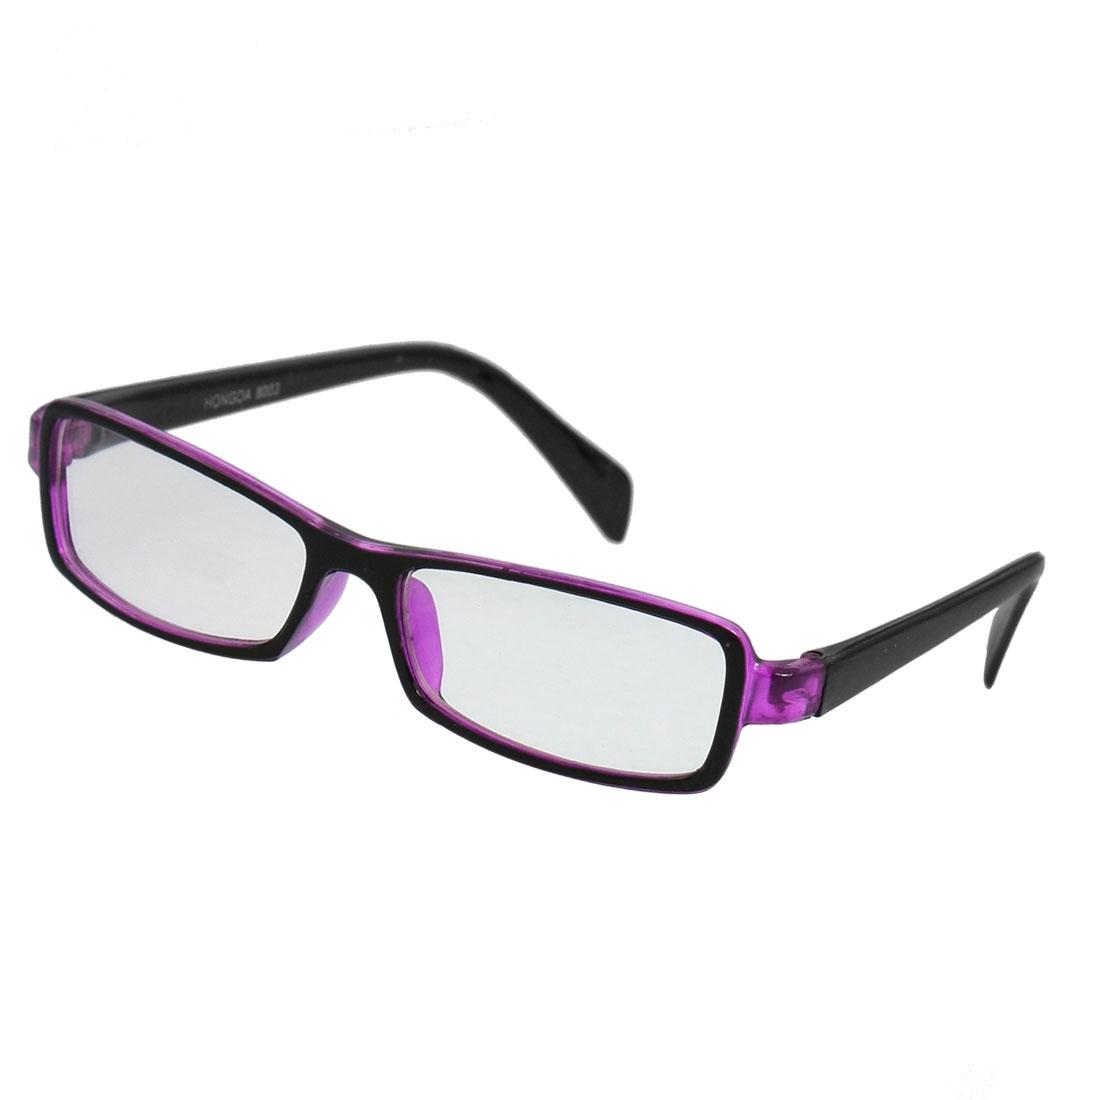 Plastic Frame Rectangular Lens Full Rim Spectacle Eyeglass Black Purple